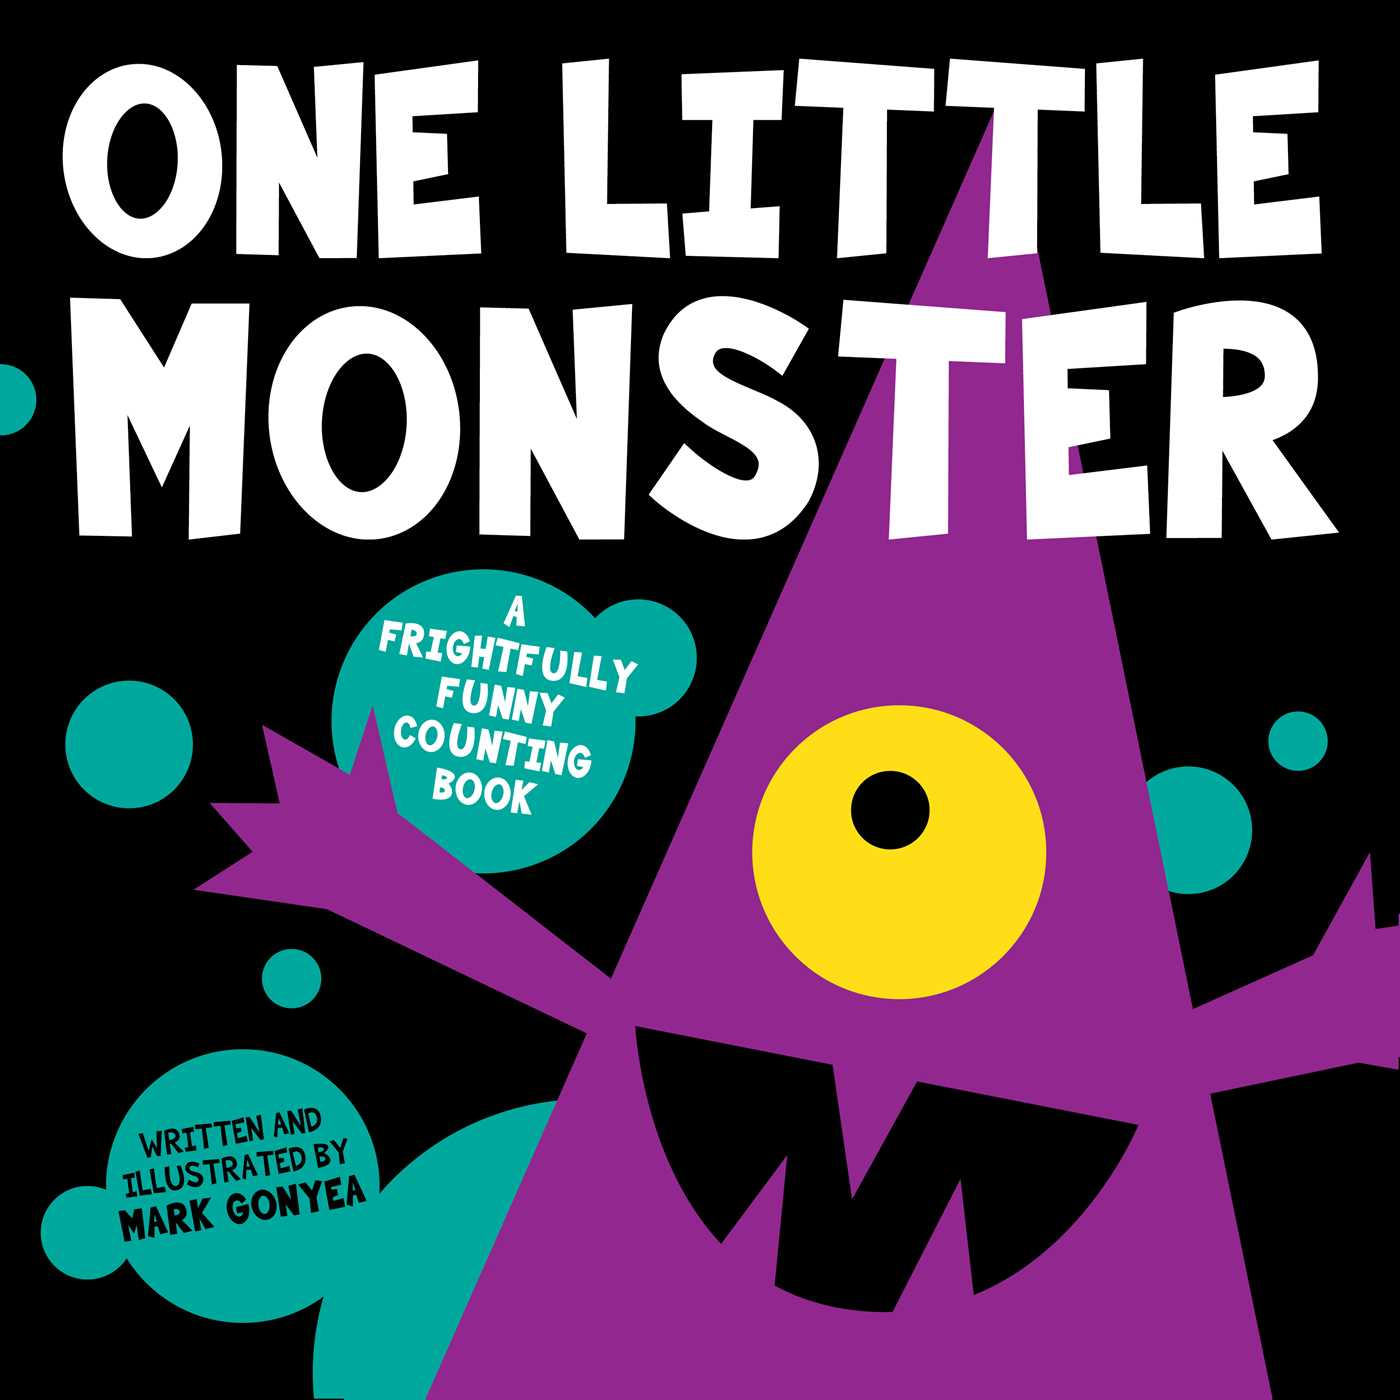 One little monster 9781534406742 hr